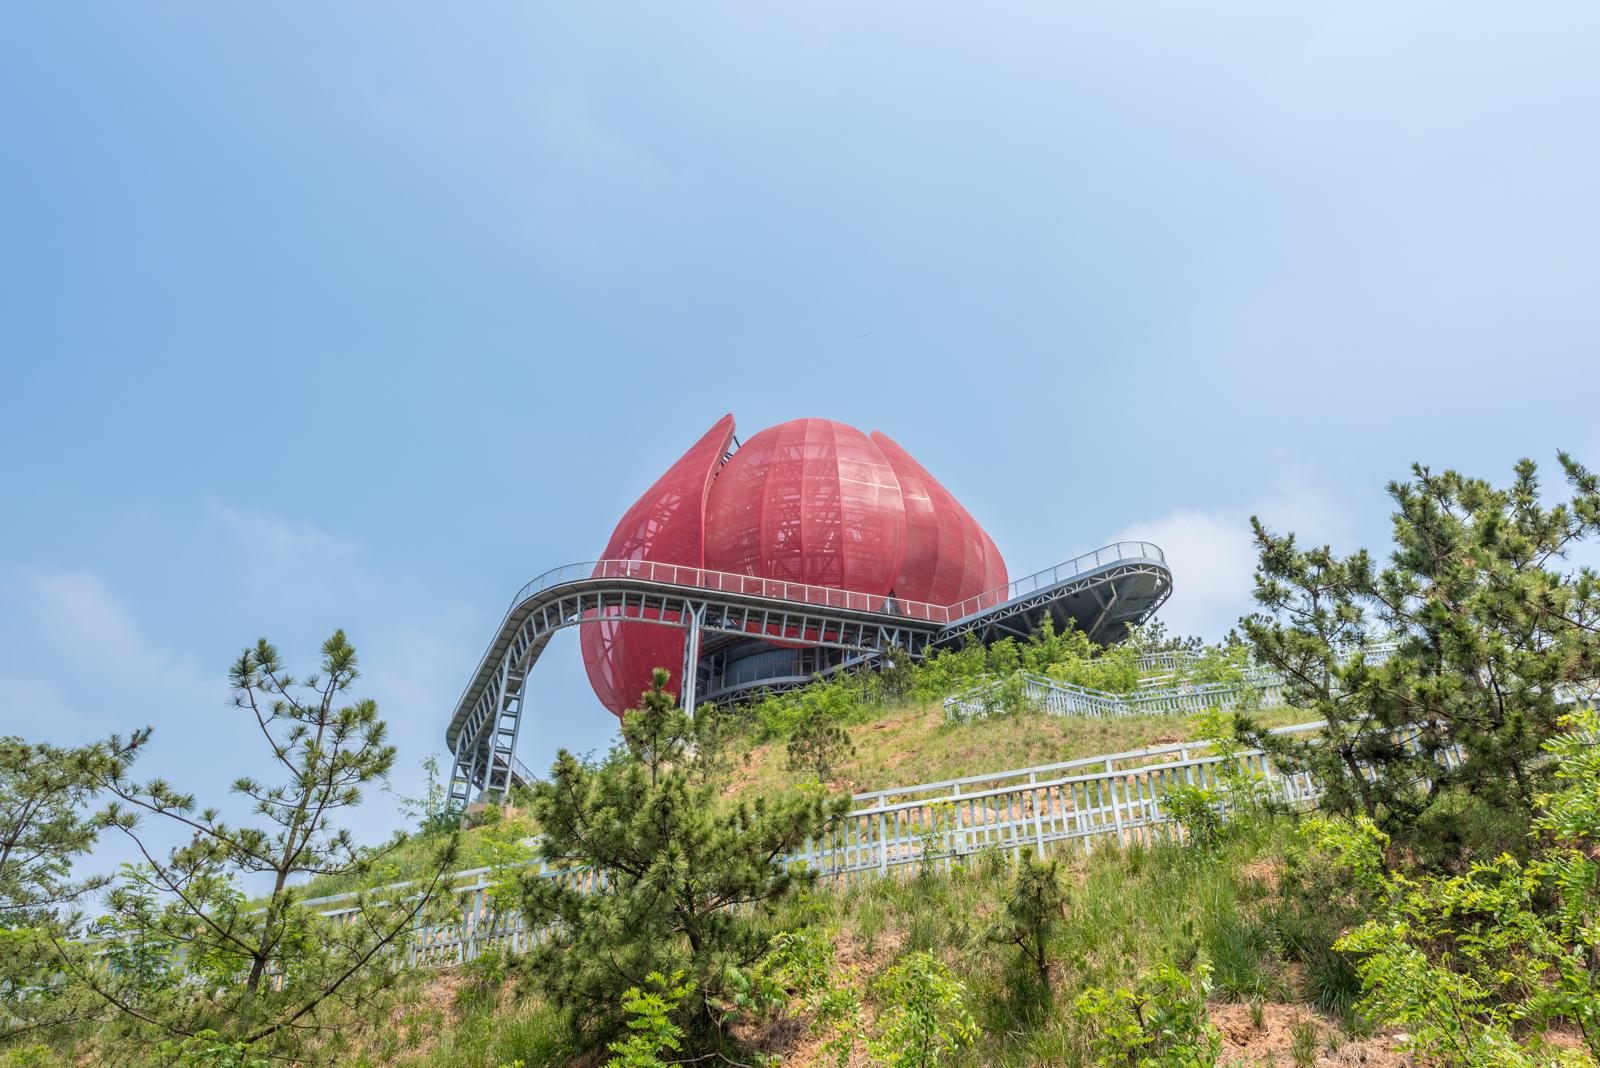 青岛世园会结束以后_北京世园会持续火热,这几座城市也举办过,都是知名旅游城市 ...